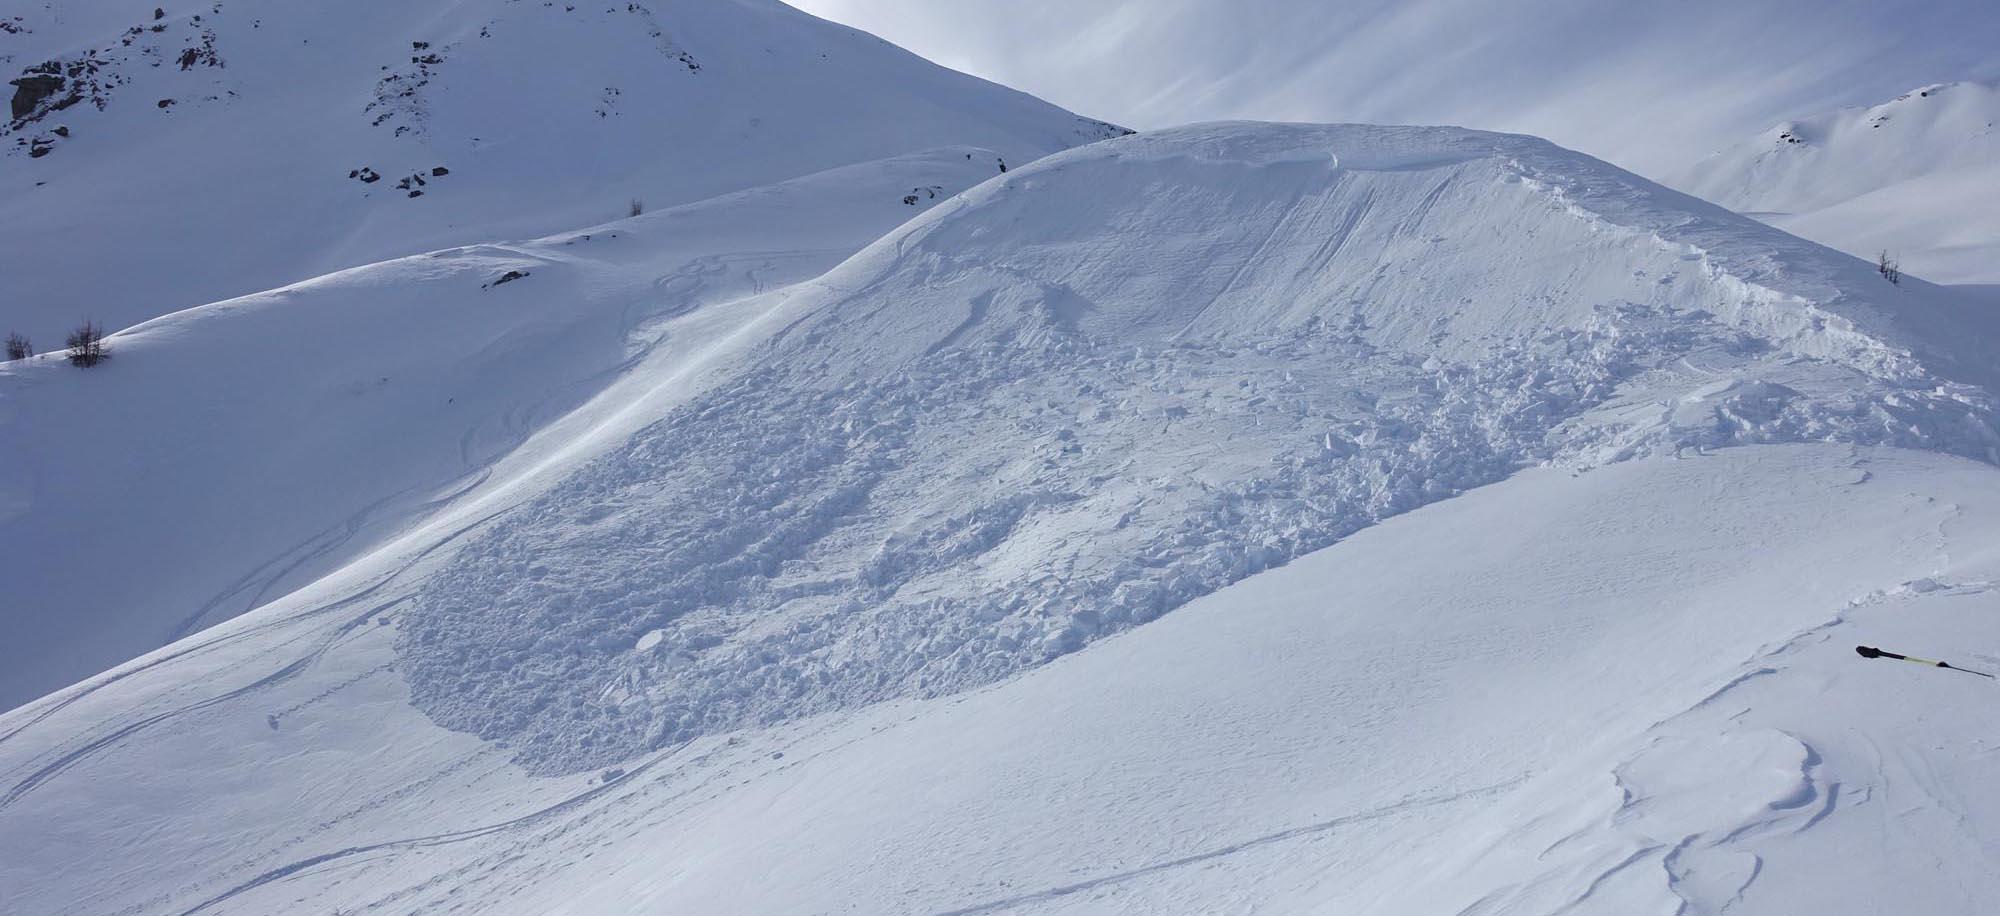 Bergsteigertipp: Hangneigung & Lawinenwarnstufe